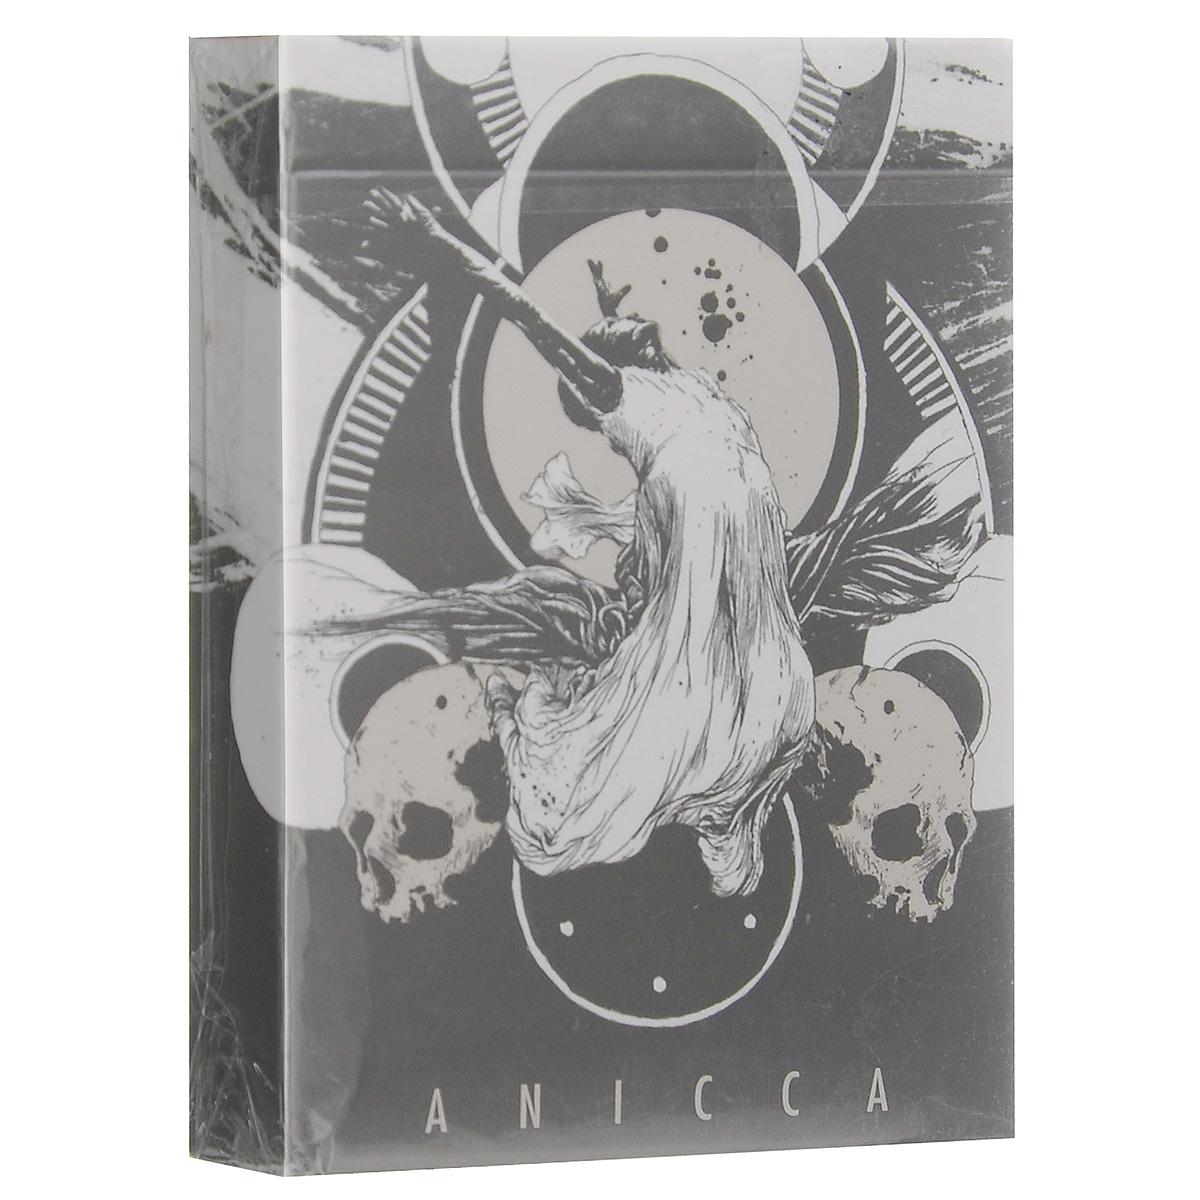 Игральные карты Anicca, цвет: серебряныйК-426Игральные карты Anicca изготовлены на лучшей бумаге завода USPCC, это делает их невероятно приятными и изящными.